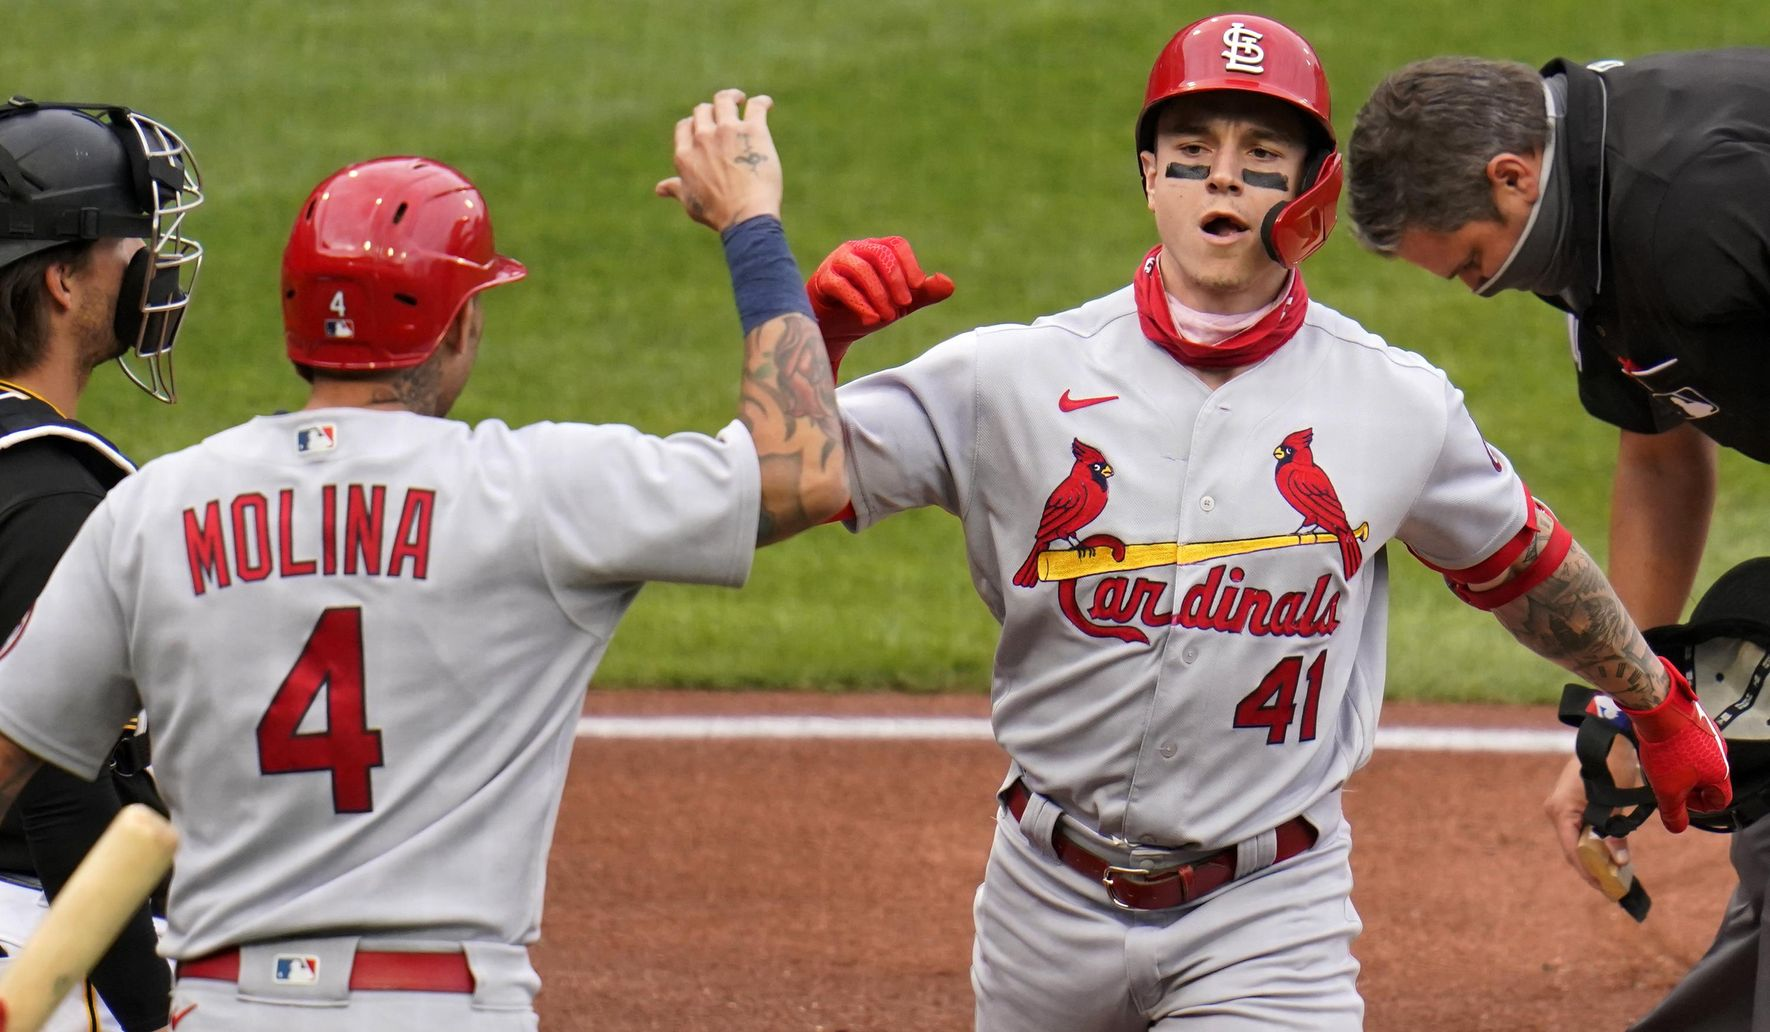 Cardinals_pirates_baseball_47440_c0-126-3000-1875_s1770x1032